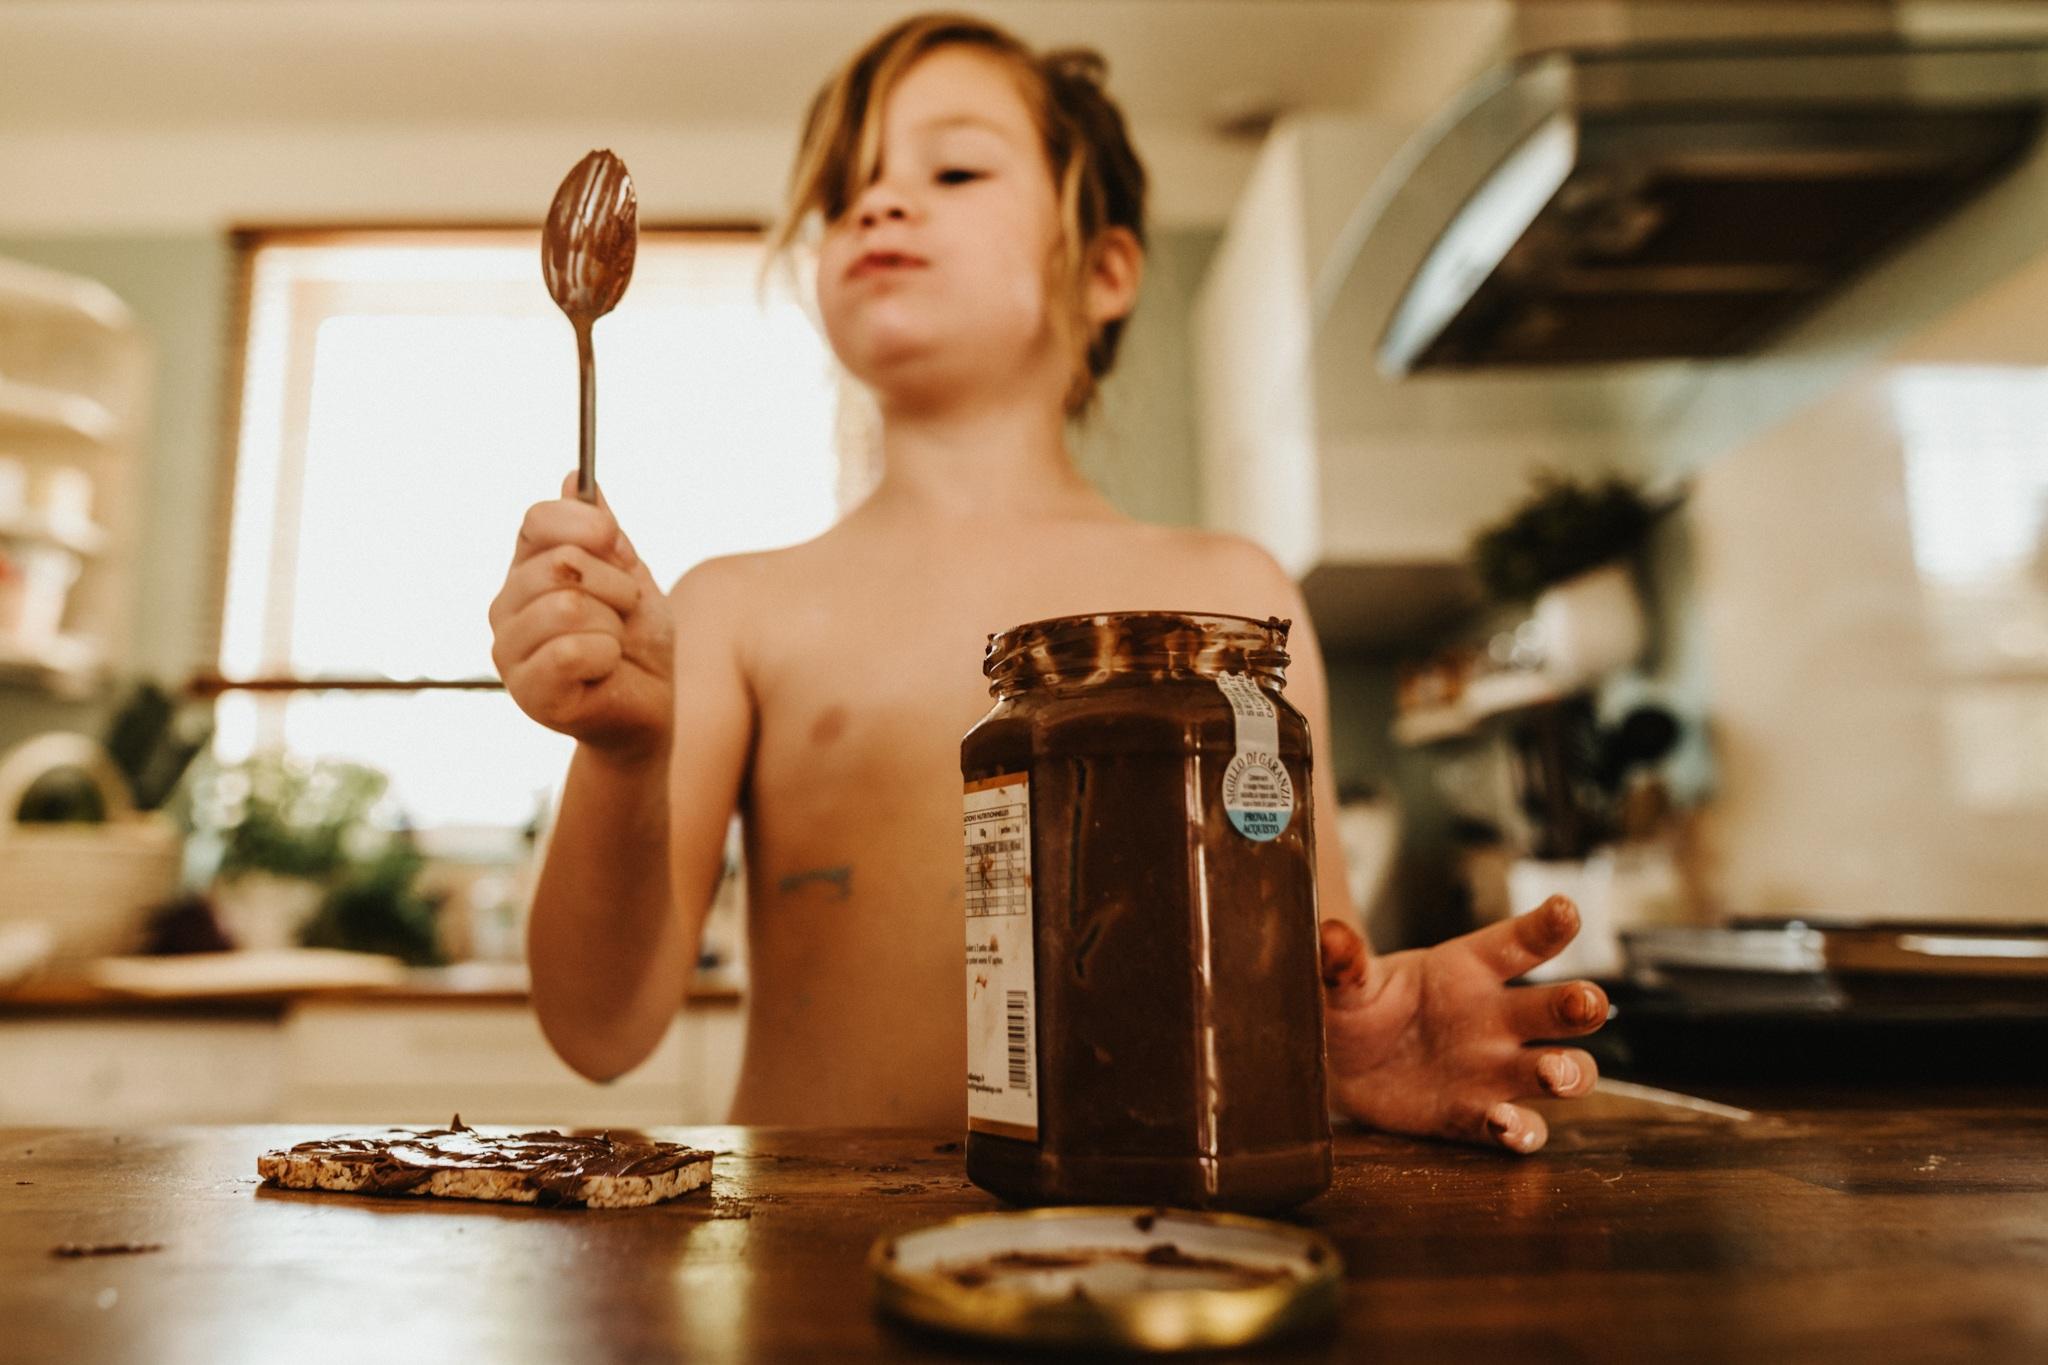 chocolat-chaud-lifestyle-photographes-ArenaCynthia